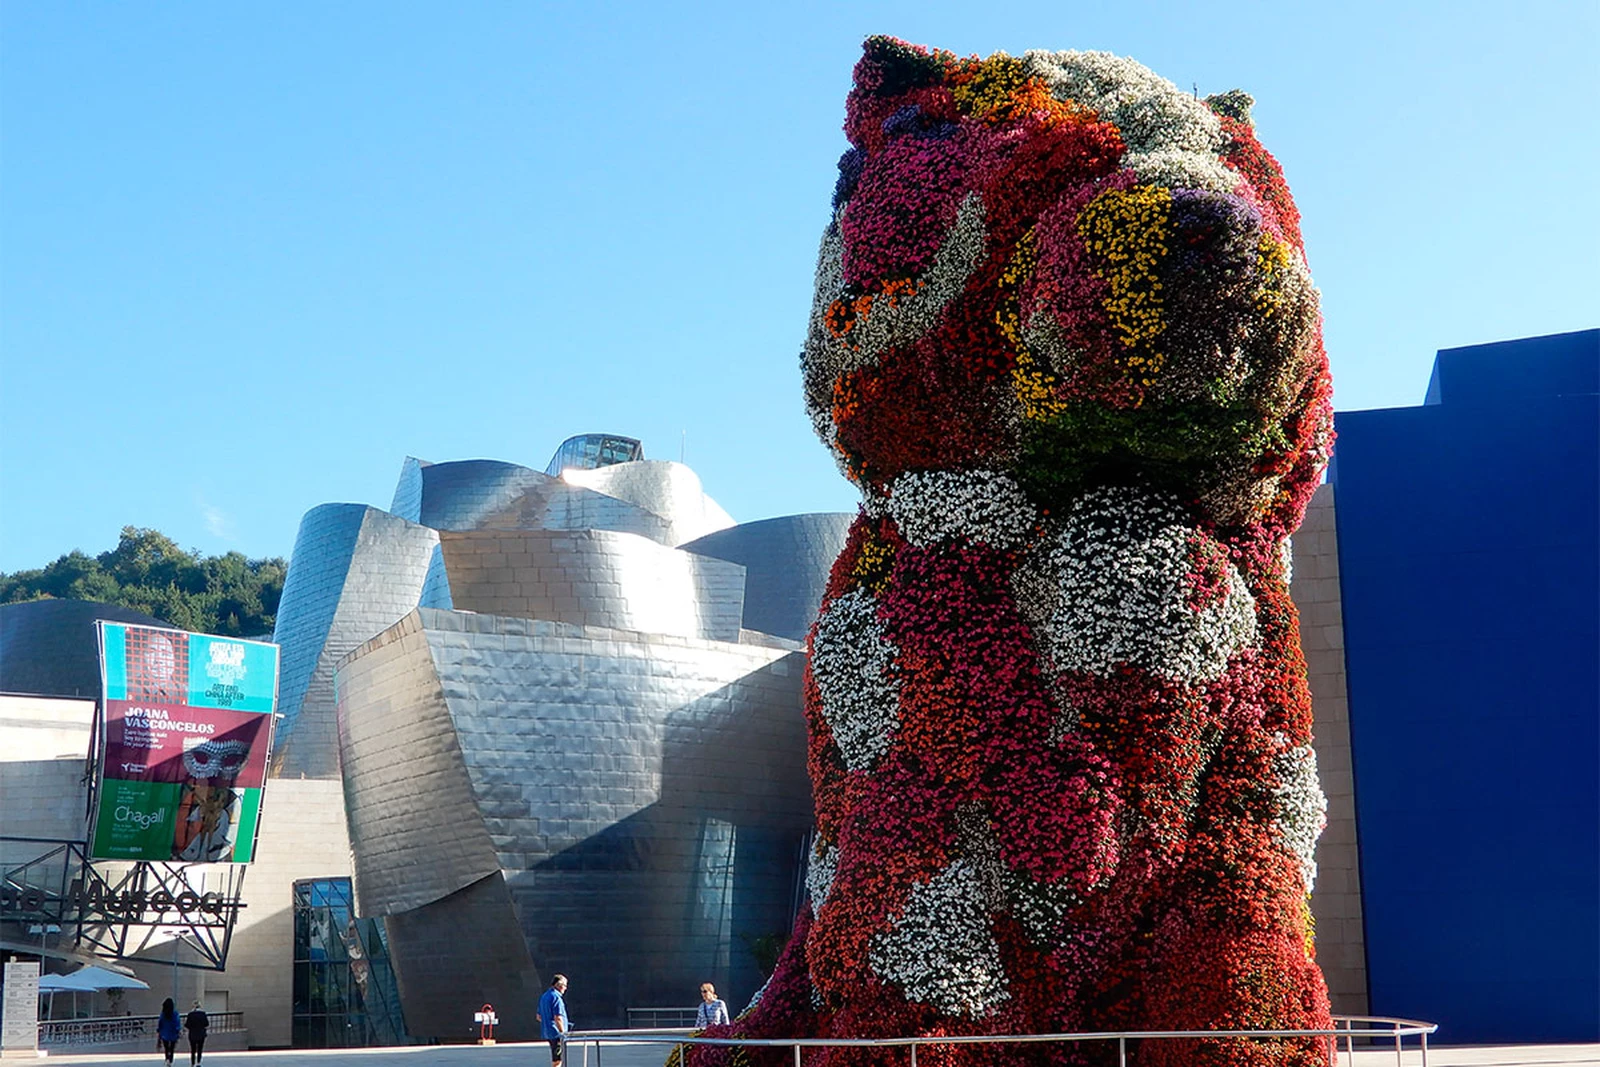 Музей Ґуґґенгайма запустив краудфандингову кампанію на реставрацію скульптури Джеффа Кунса